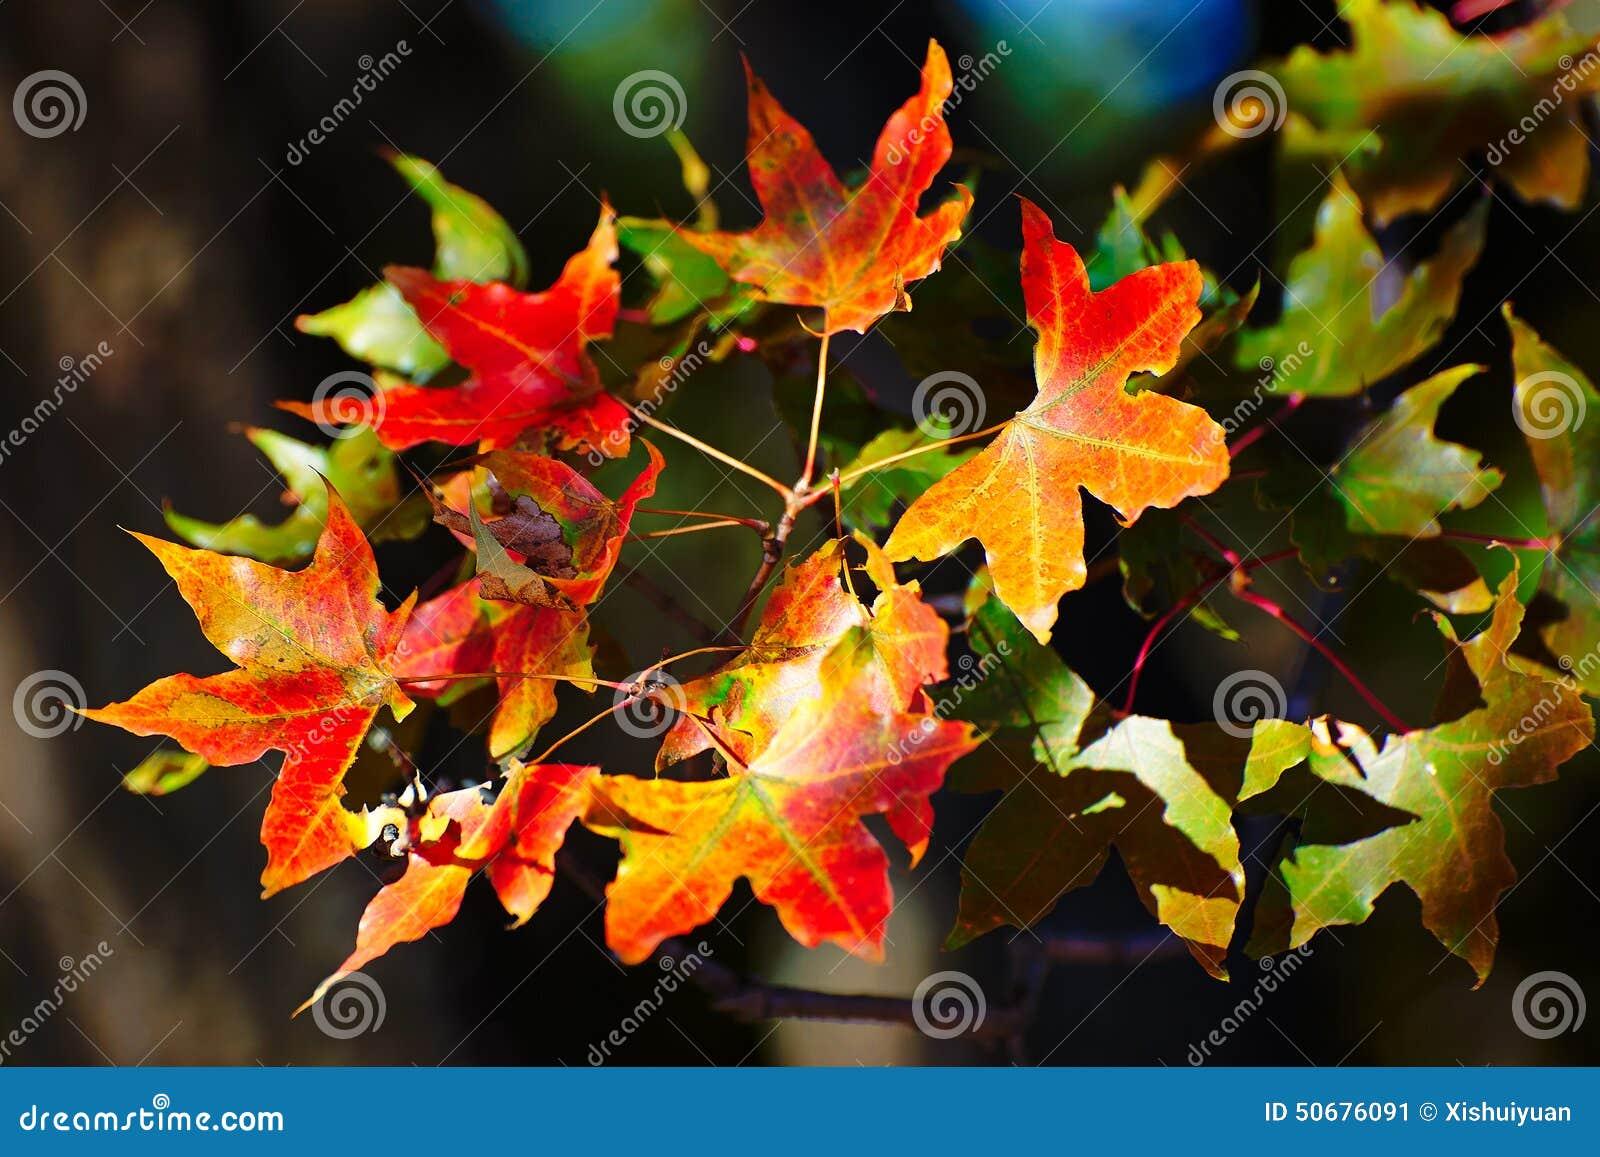 Download 留下红色 库存图片. 图片 包括有 公园, 森林, 汉语, 充气救生艇, 五边形, 叶子, 蓝色, 座右铭 - 50676091